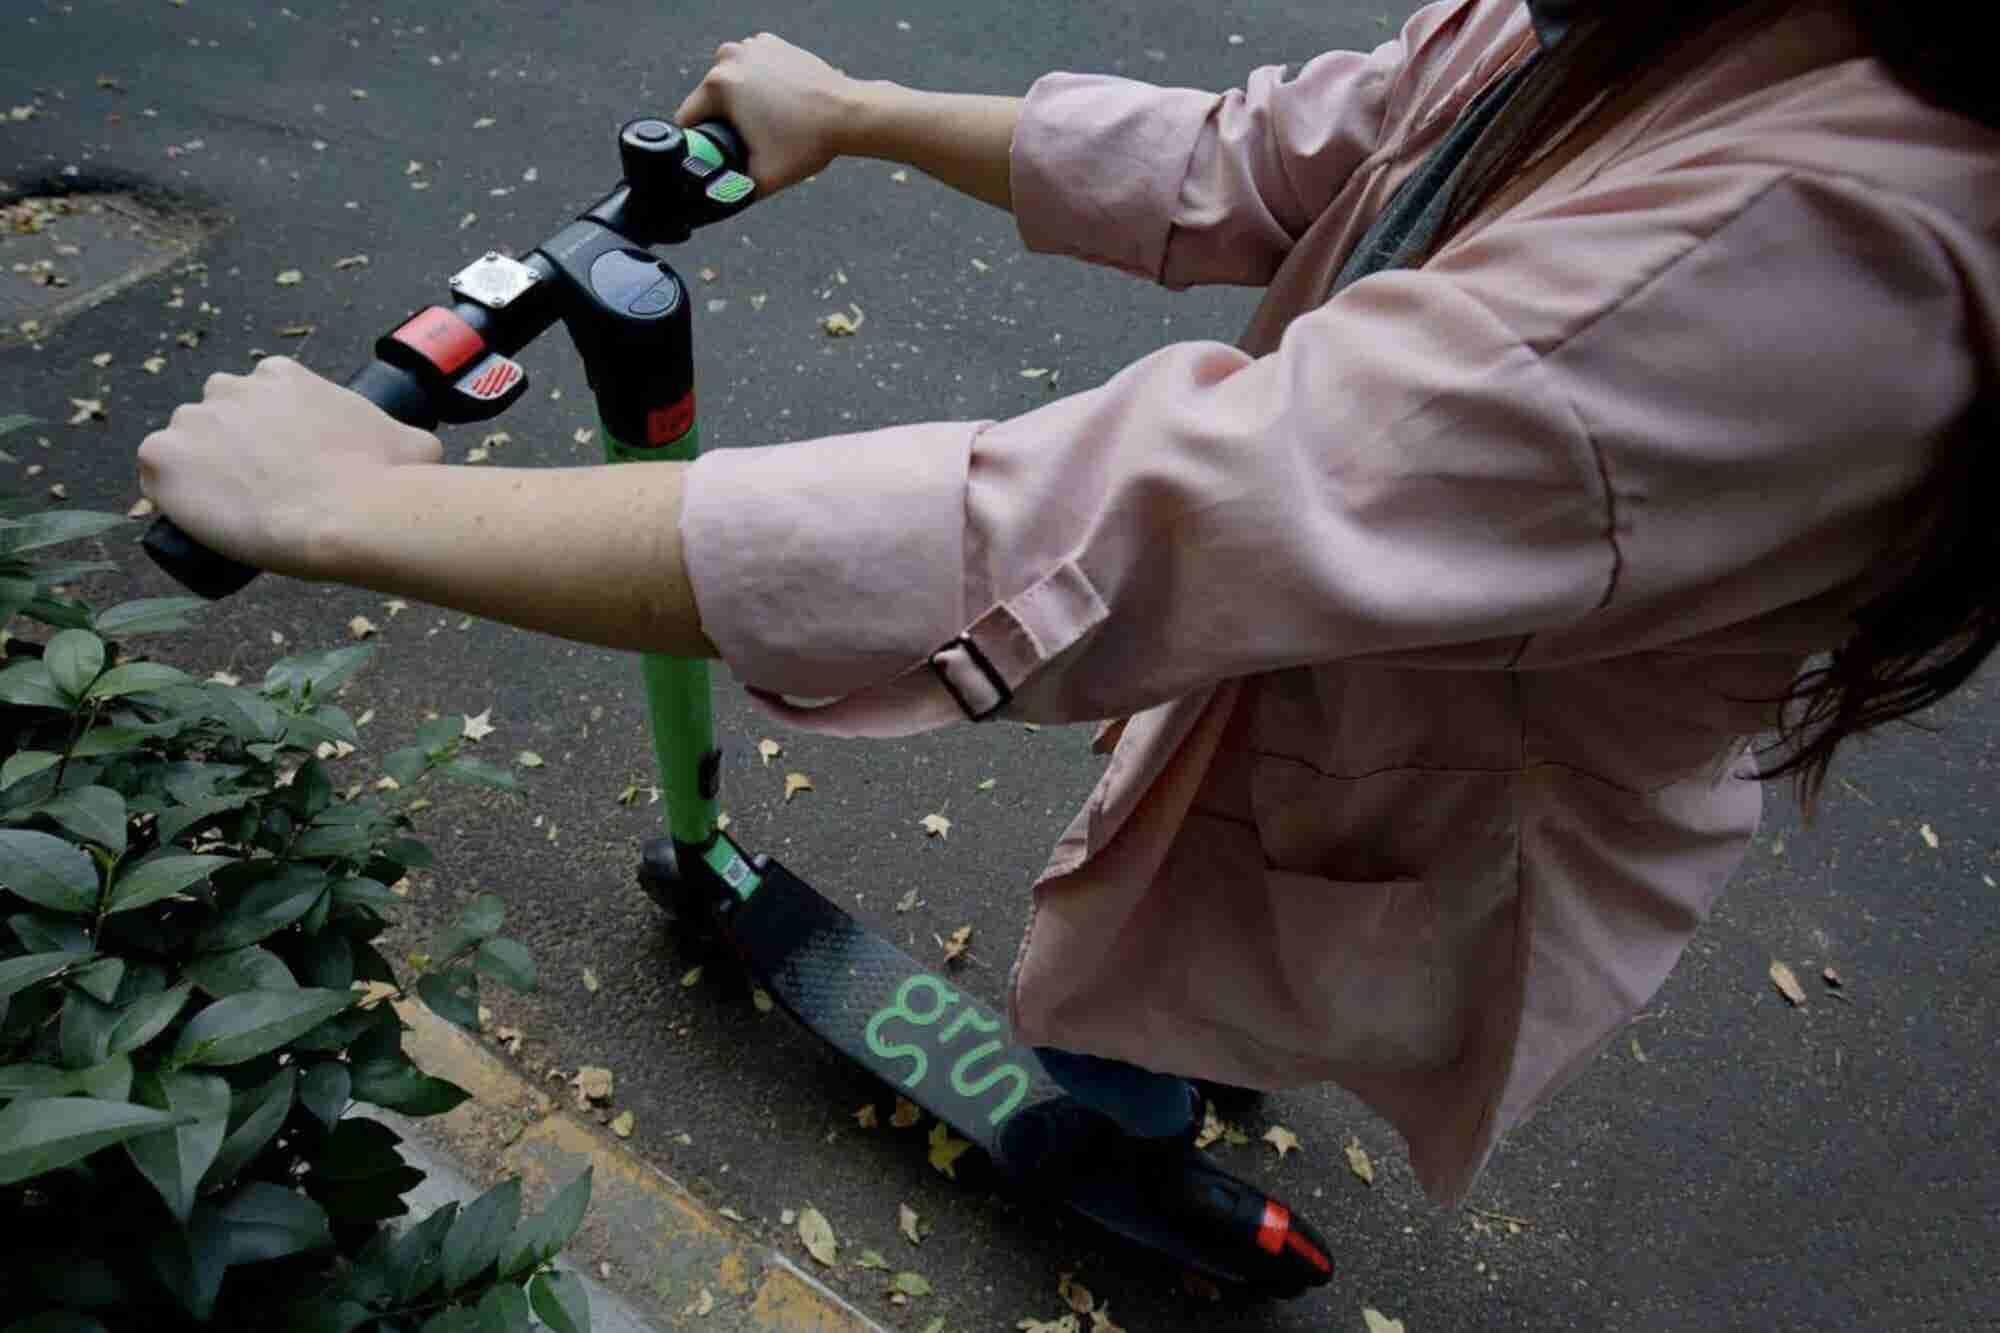 El Invea retira los scooters de Grin de la CDMX